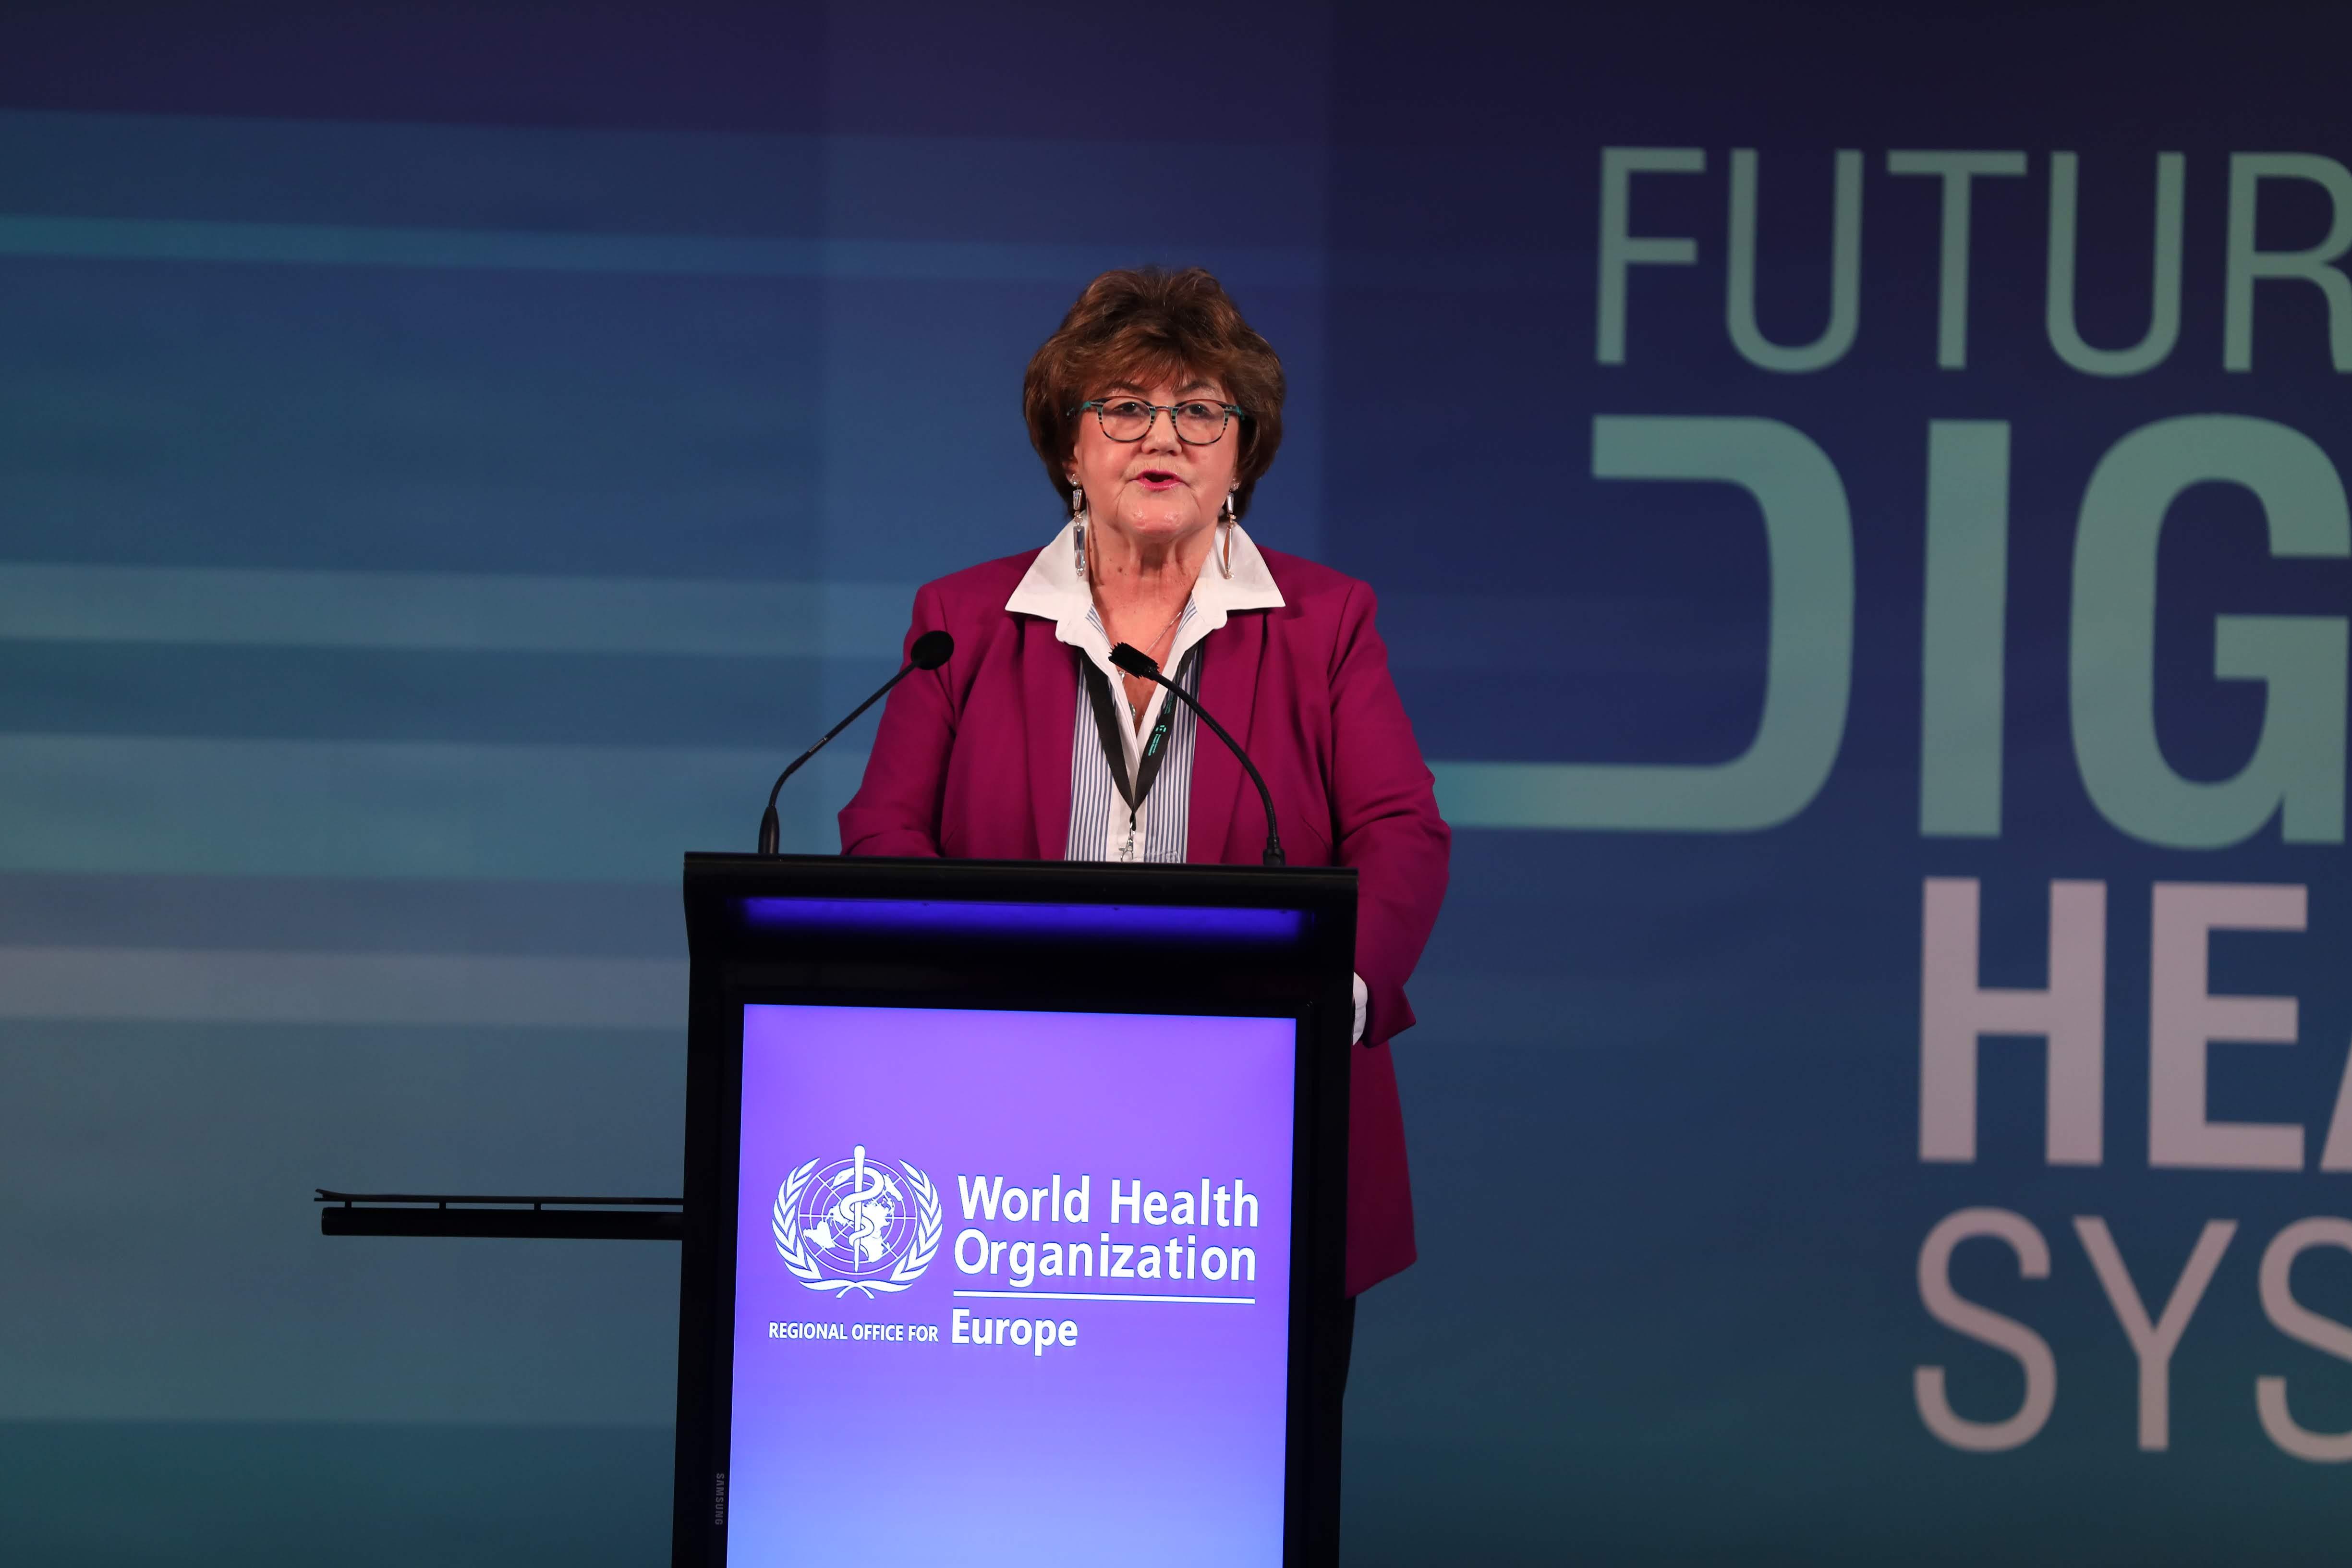 Spannung und potential sind eine Sache, Beweise und Umsetzung sind andere, warnt die WHO-Regionaldirektorin